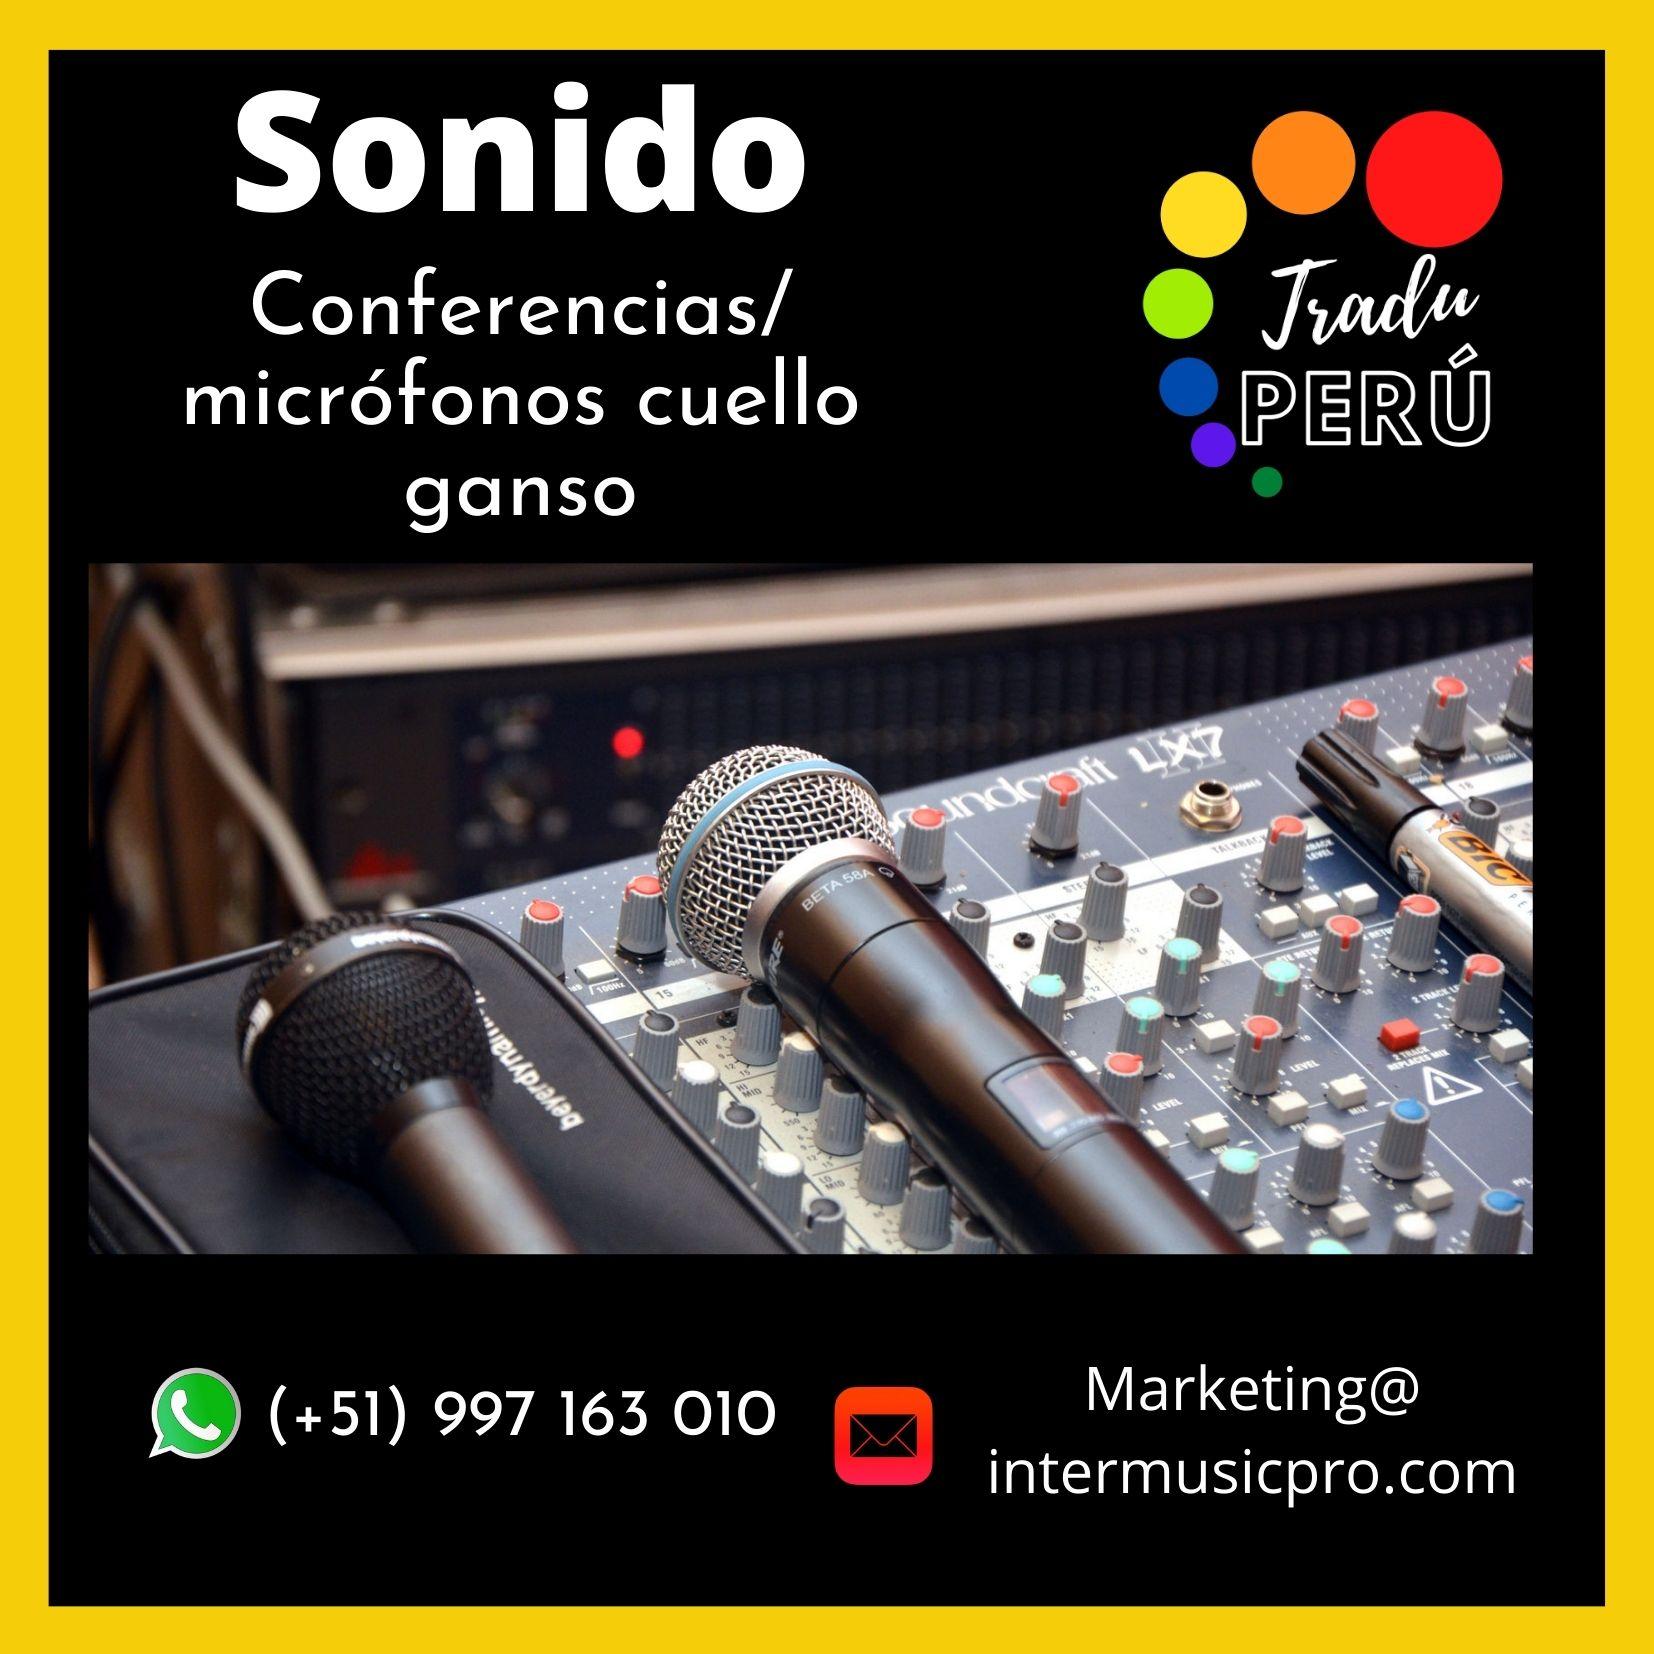 Equipo de sonido para eventos en LIMA ✅ 997163010